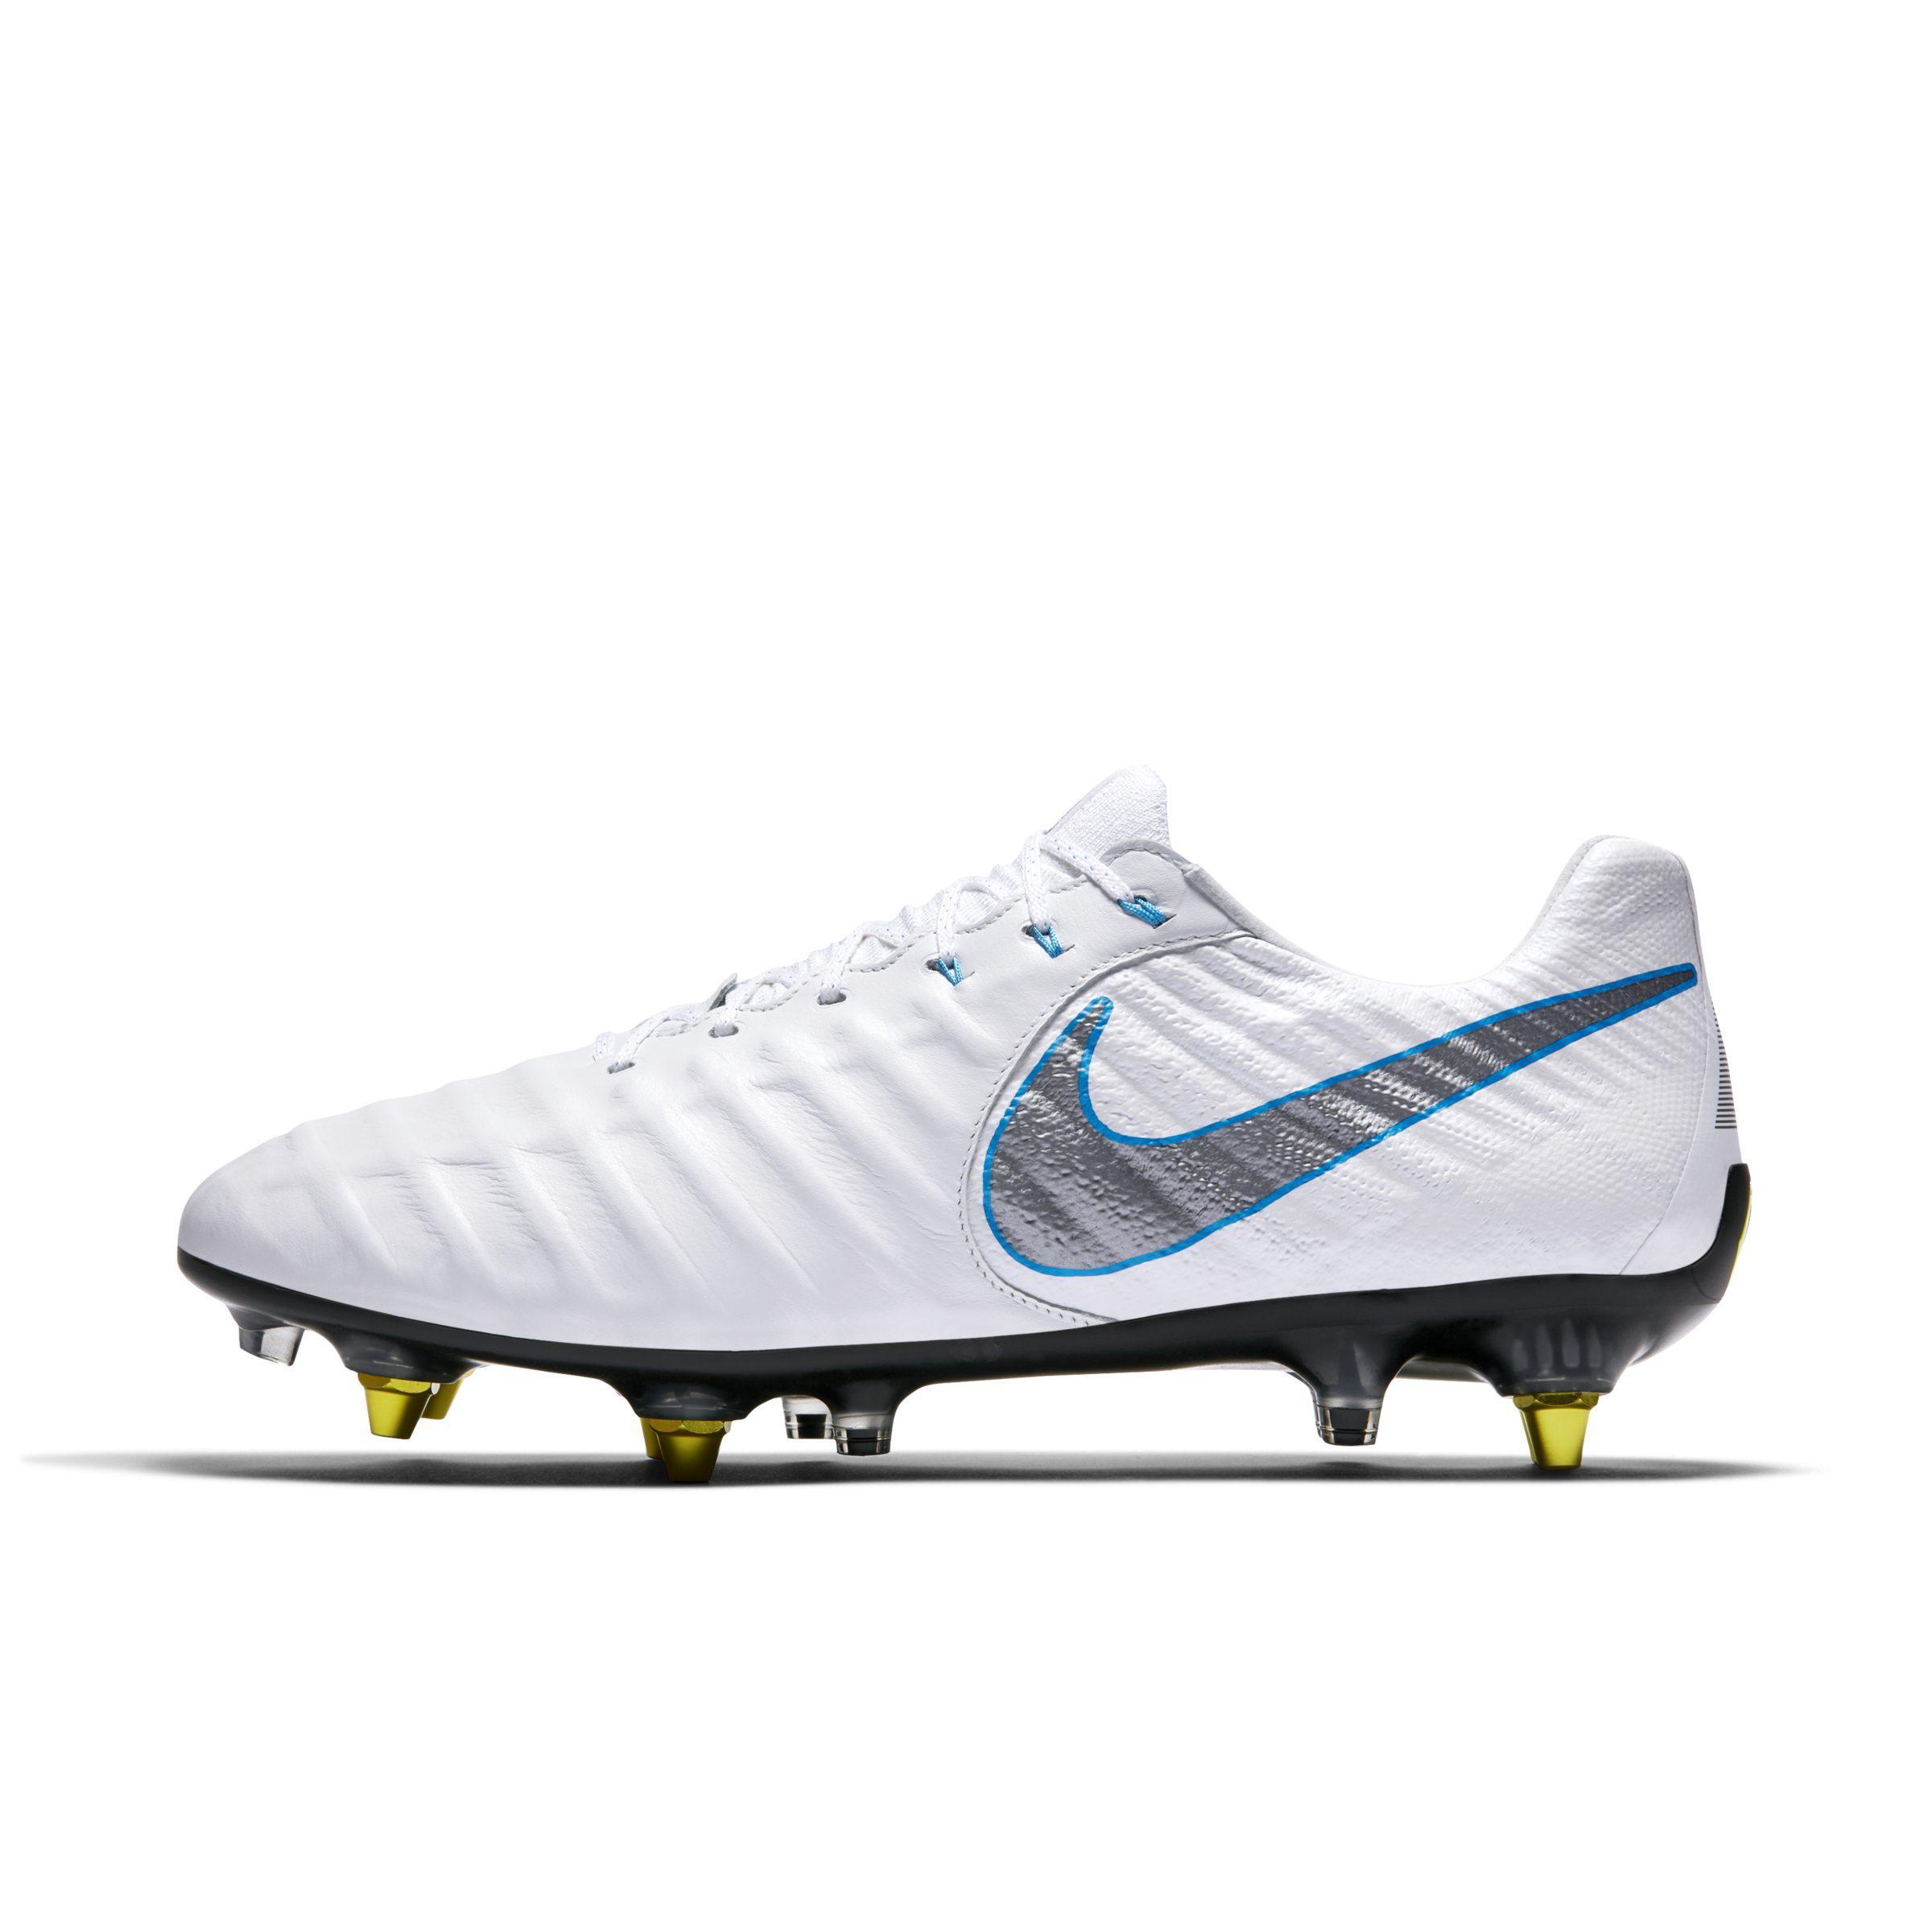 80ff9c616 Chaussure de footballà crampons pour terrain gras Tiempo Legend VII ...